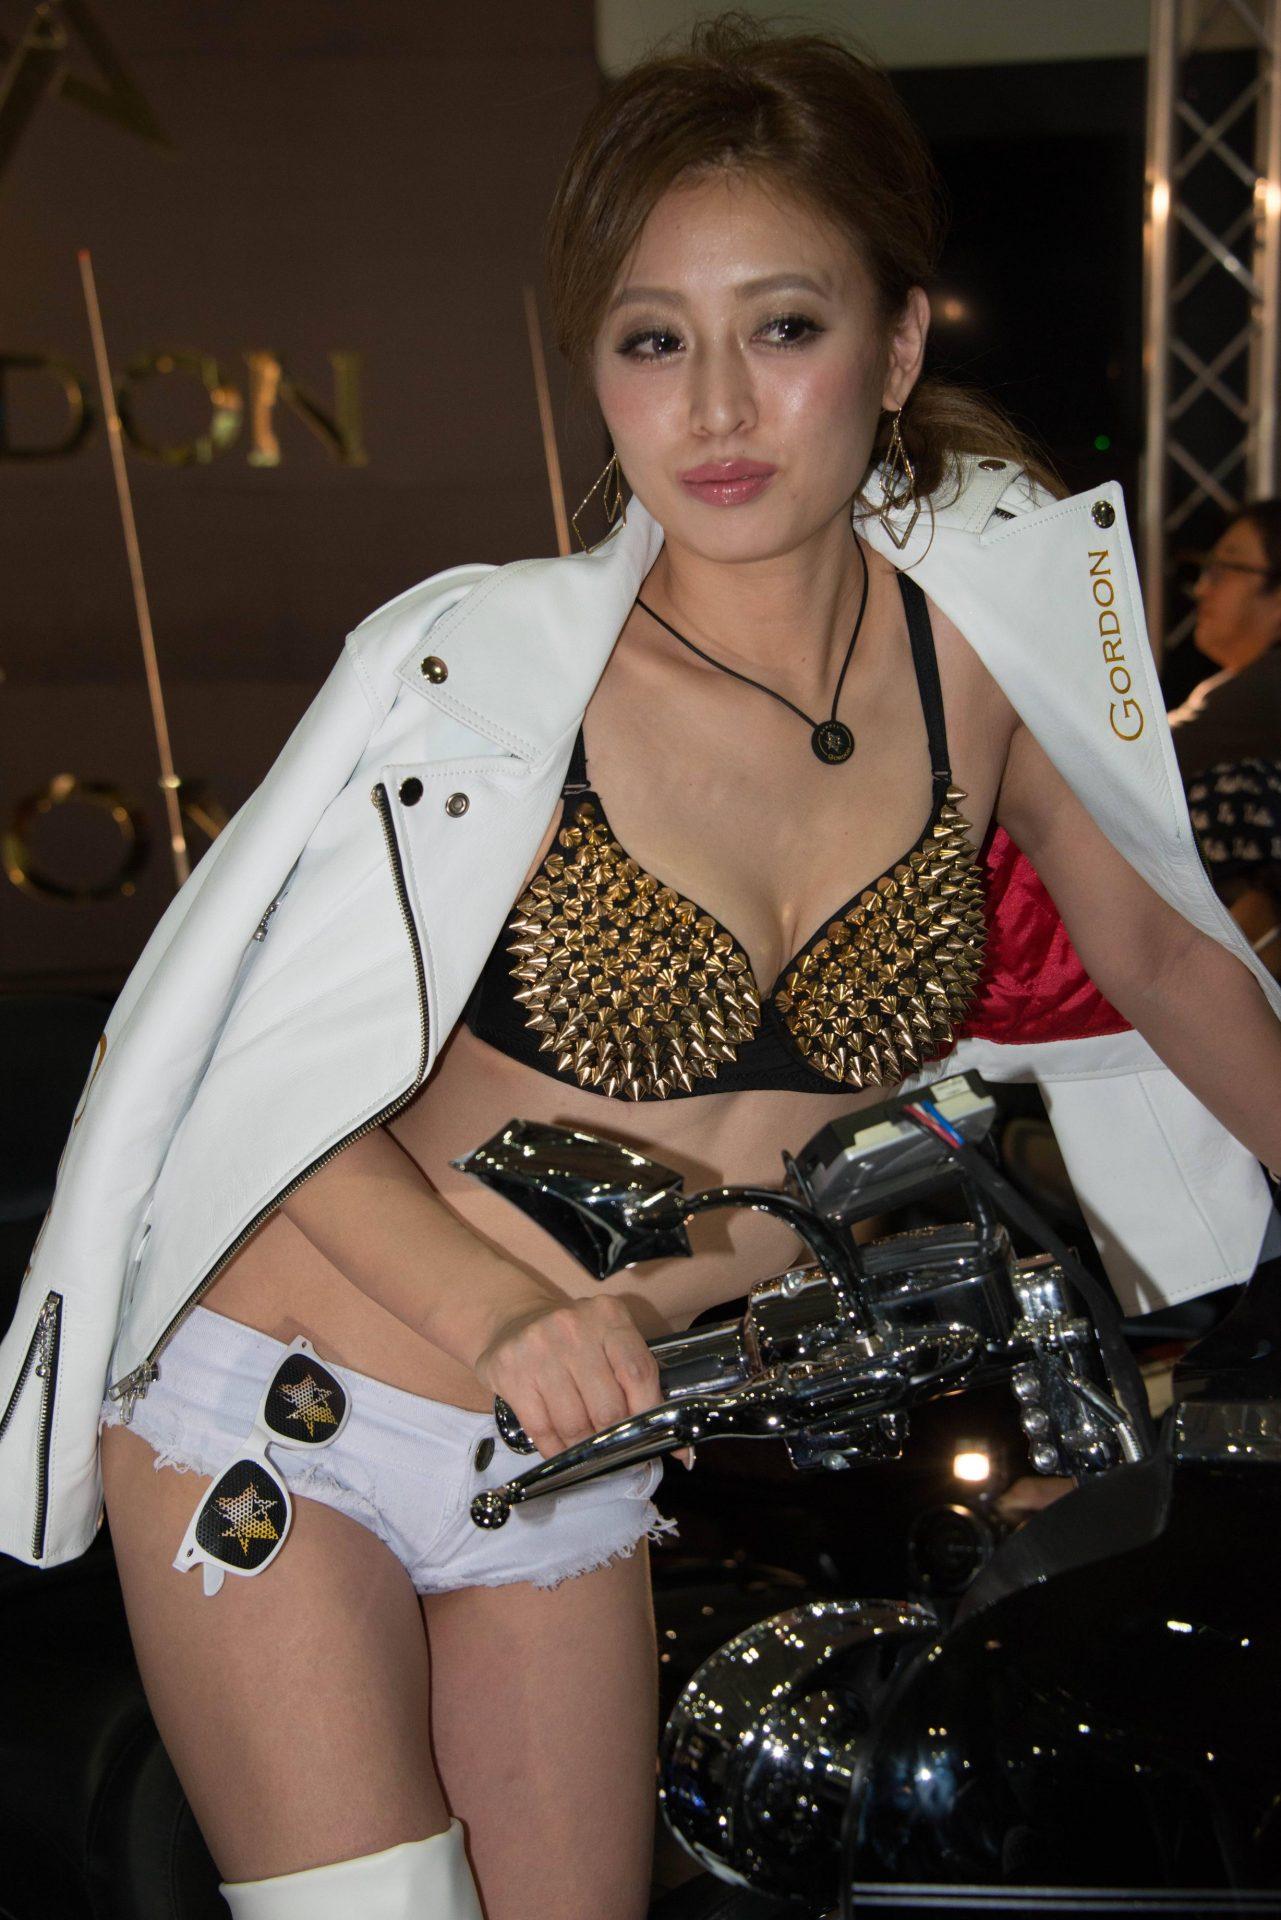 三次元 3次元 エロ画像 キャンペーンガール べっぴん娘通信 25